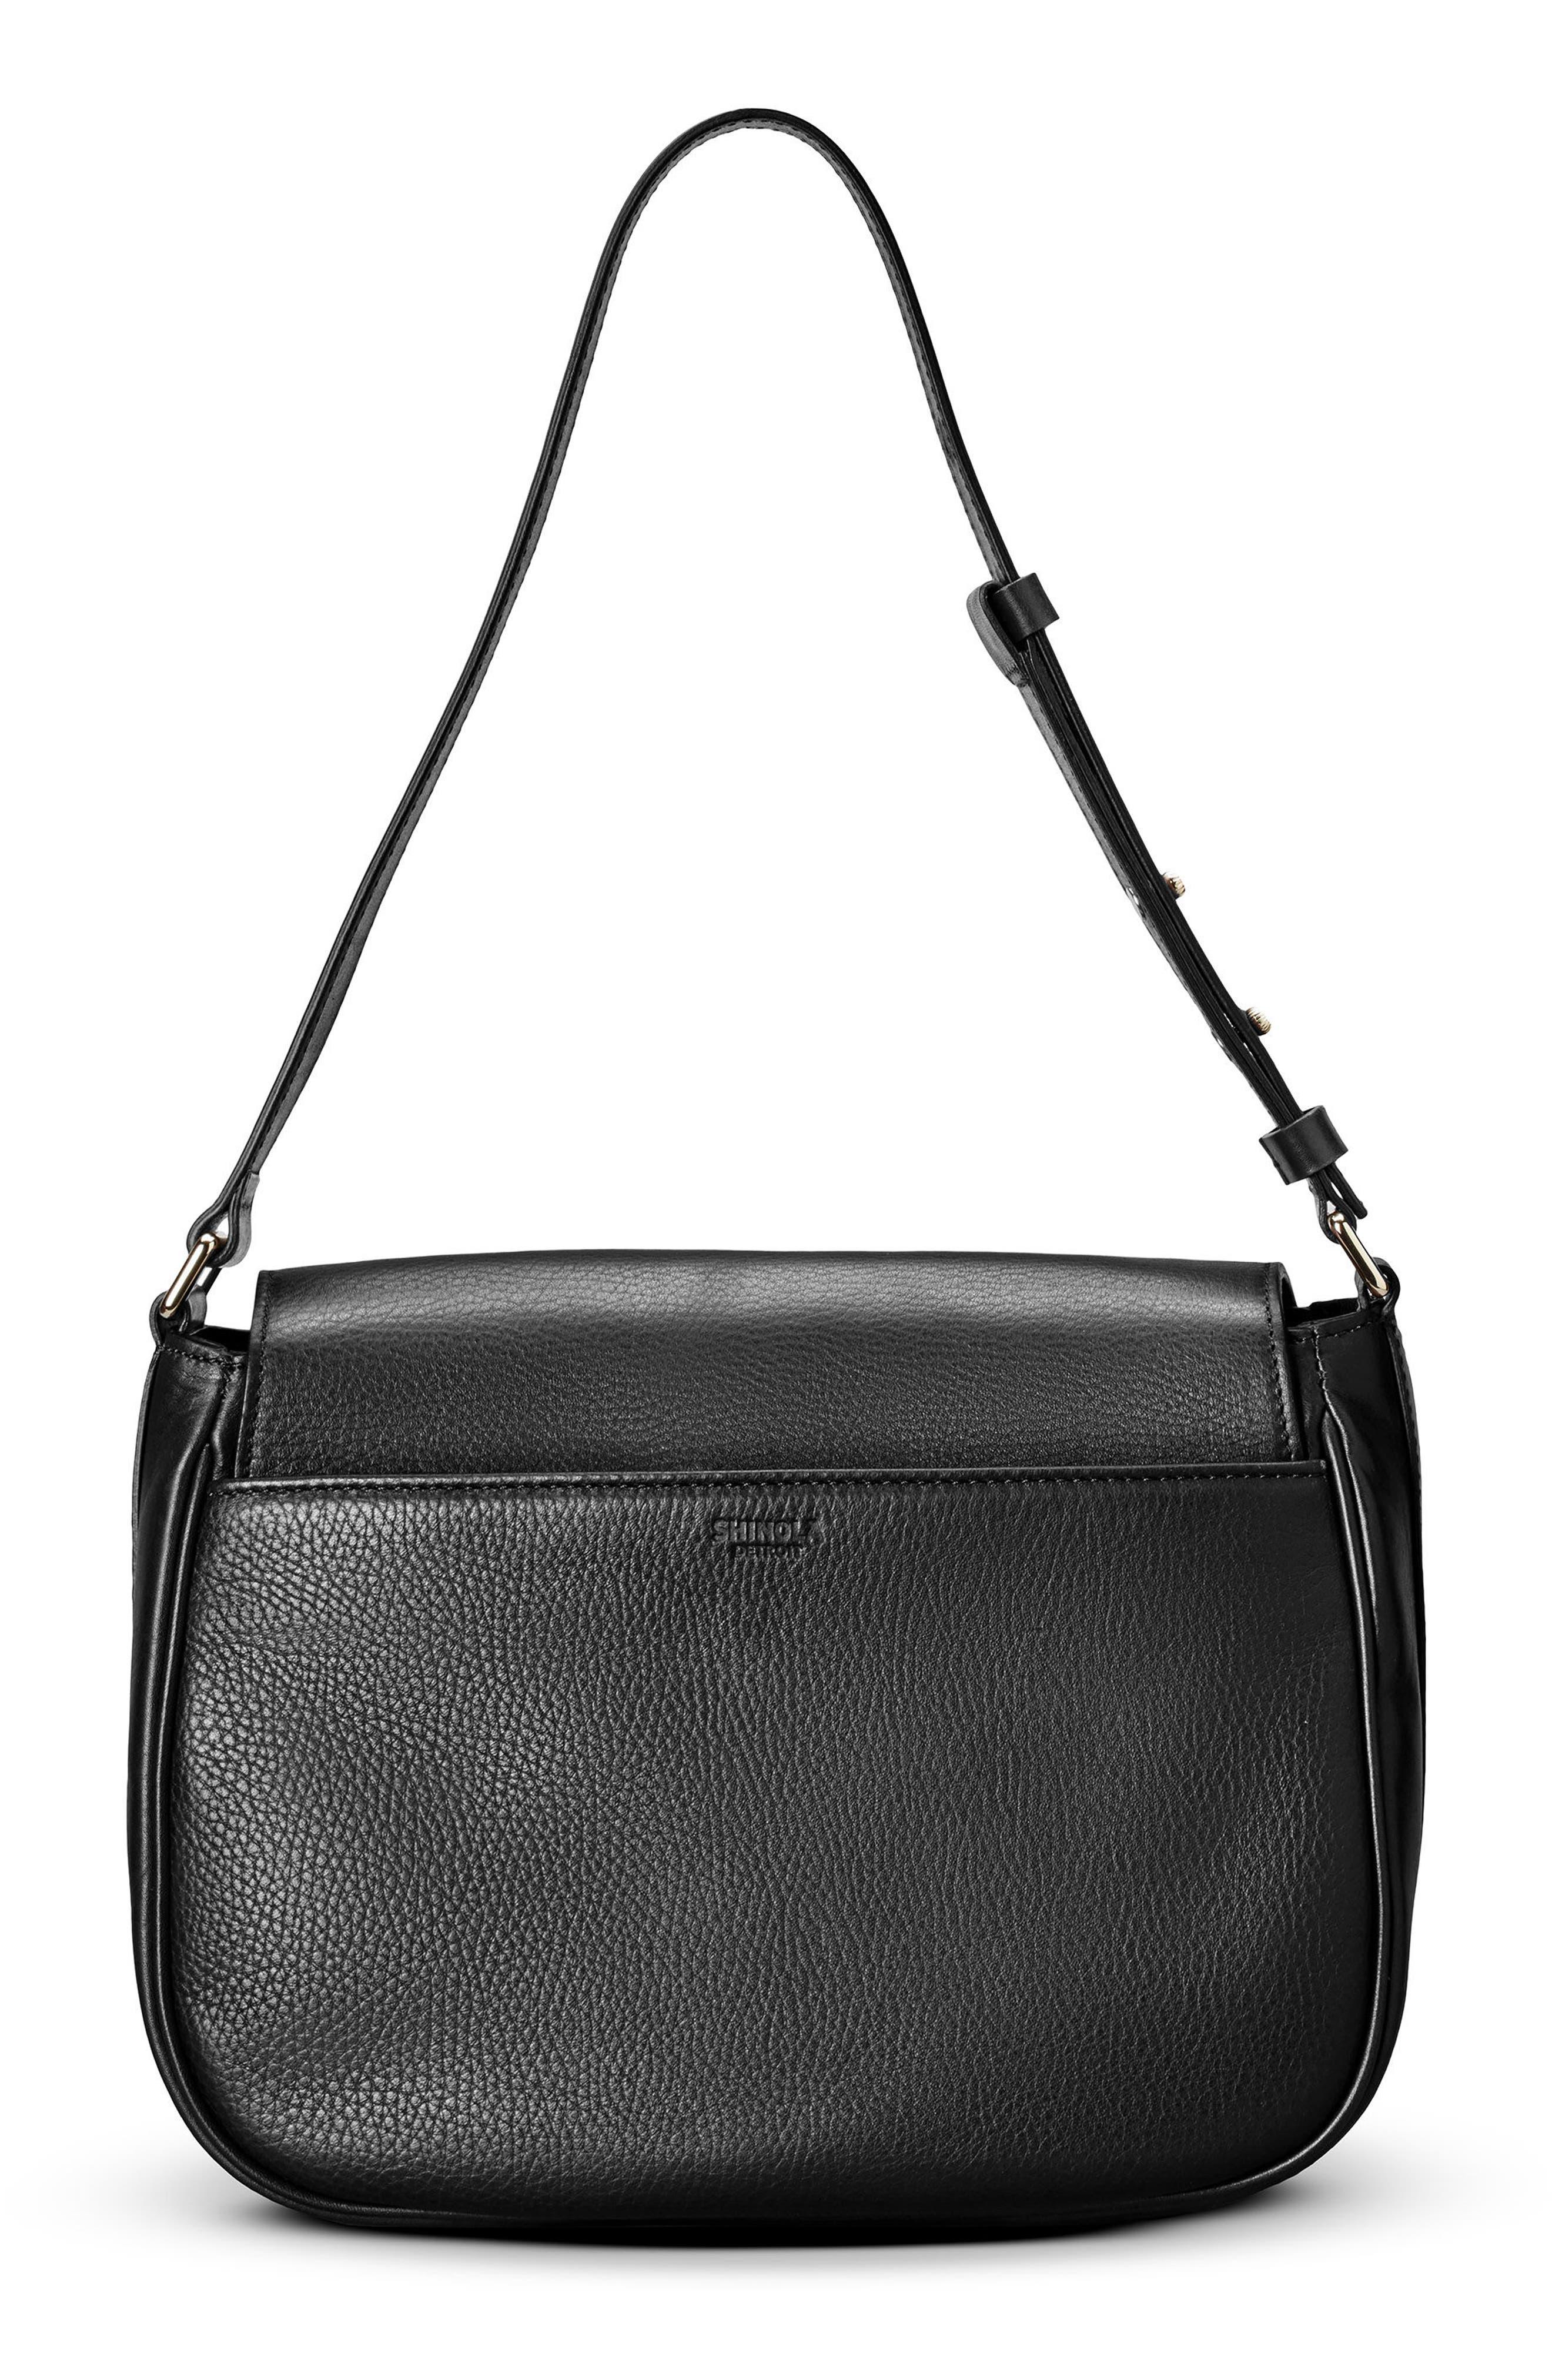 Calfskin Leather Shoulder Bag,                             Alternate thumbnail 9, color,                             001